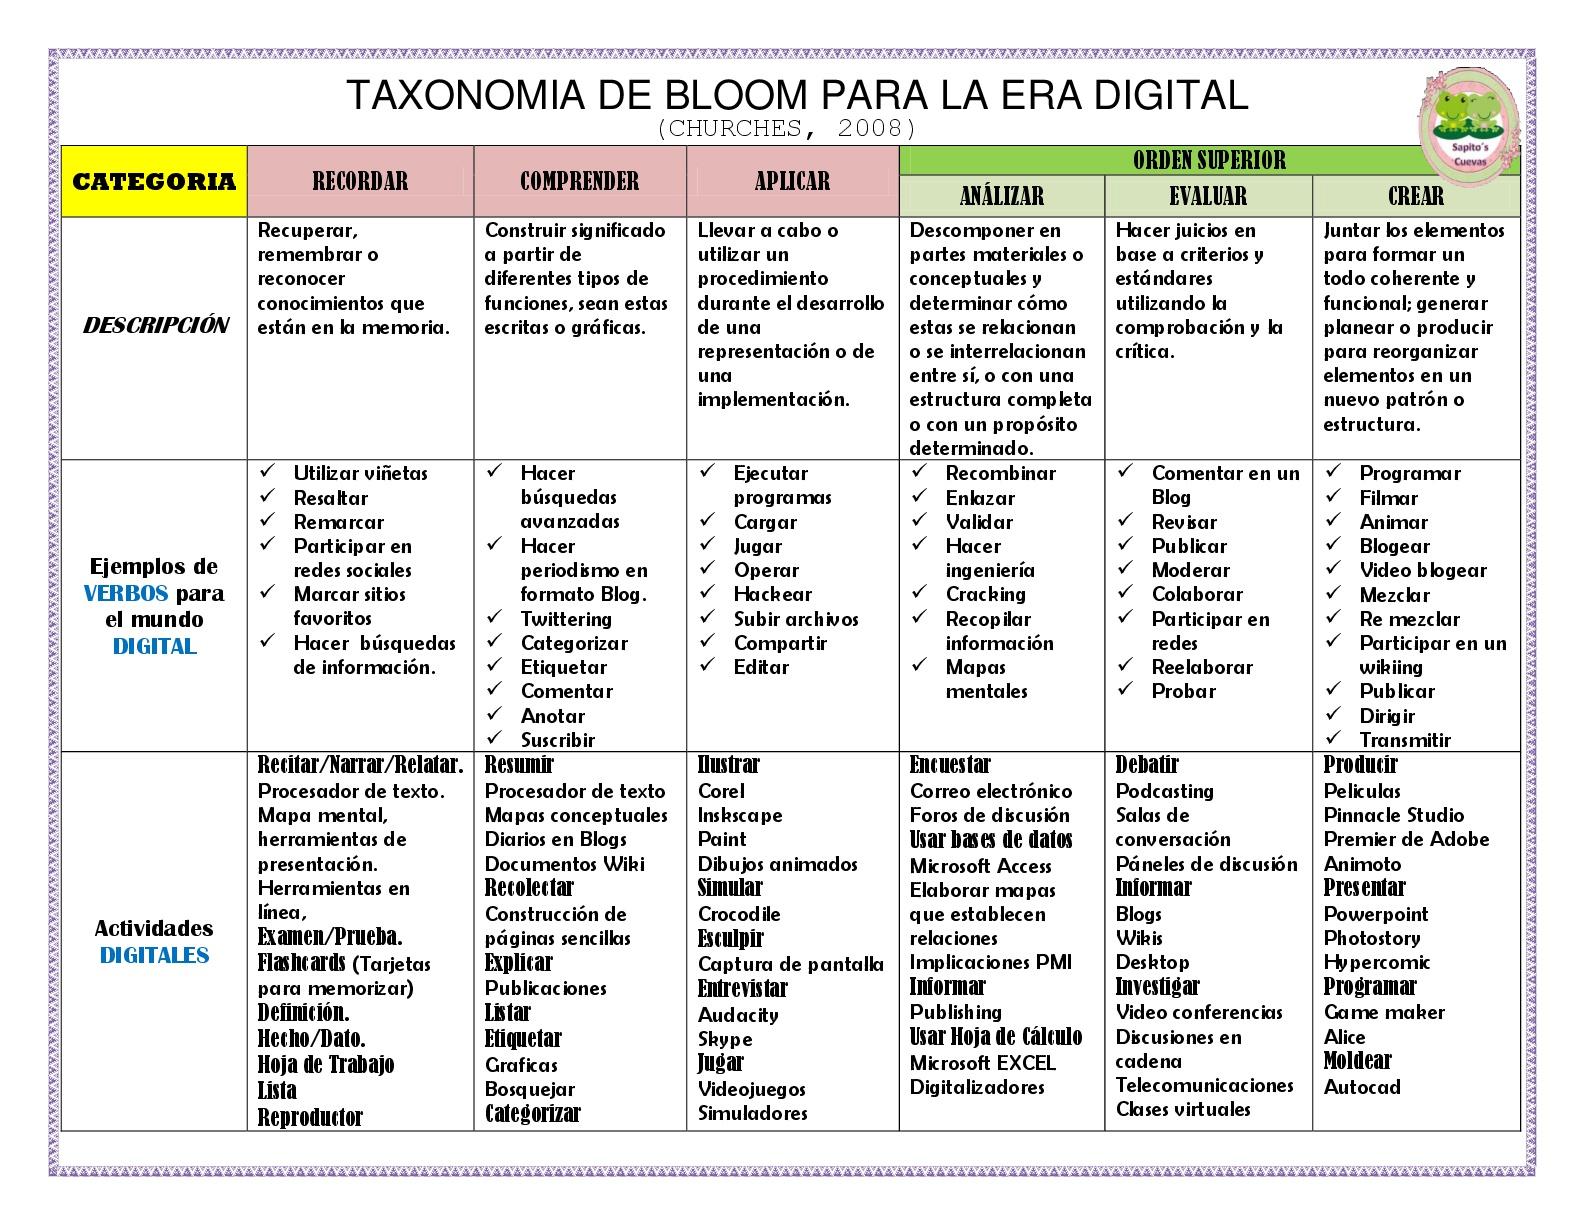 Taxonomia de bloom 8 imagenes educativas for Taxonomia de la jirafa